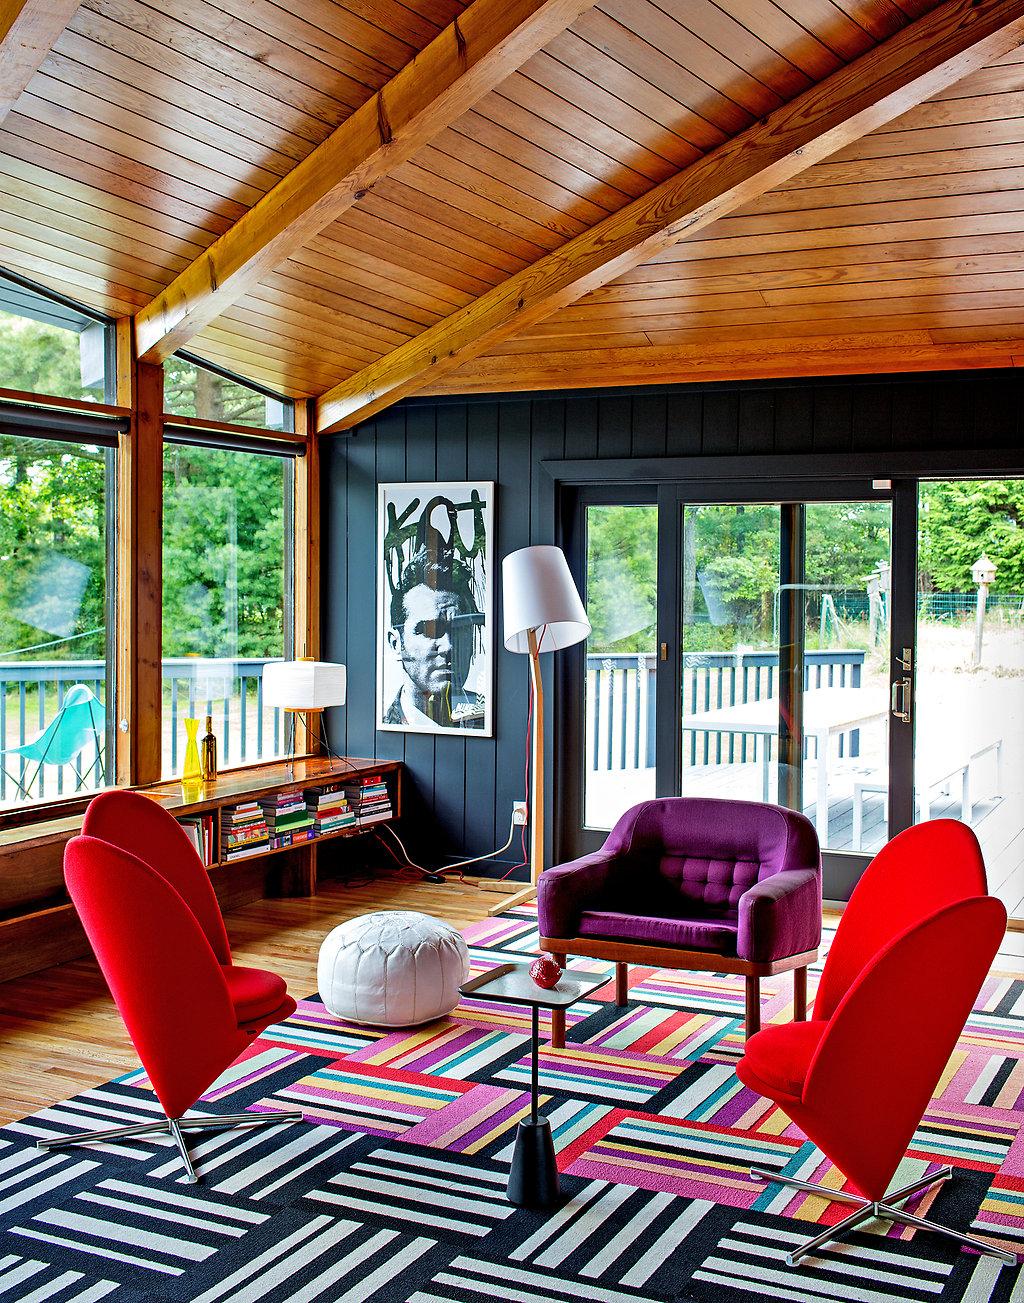 Salon colore charpente apparente for Charpente apparente salon